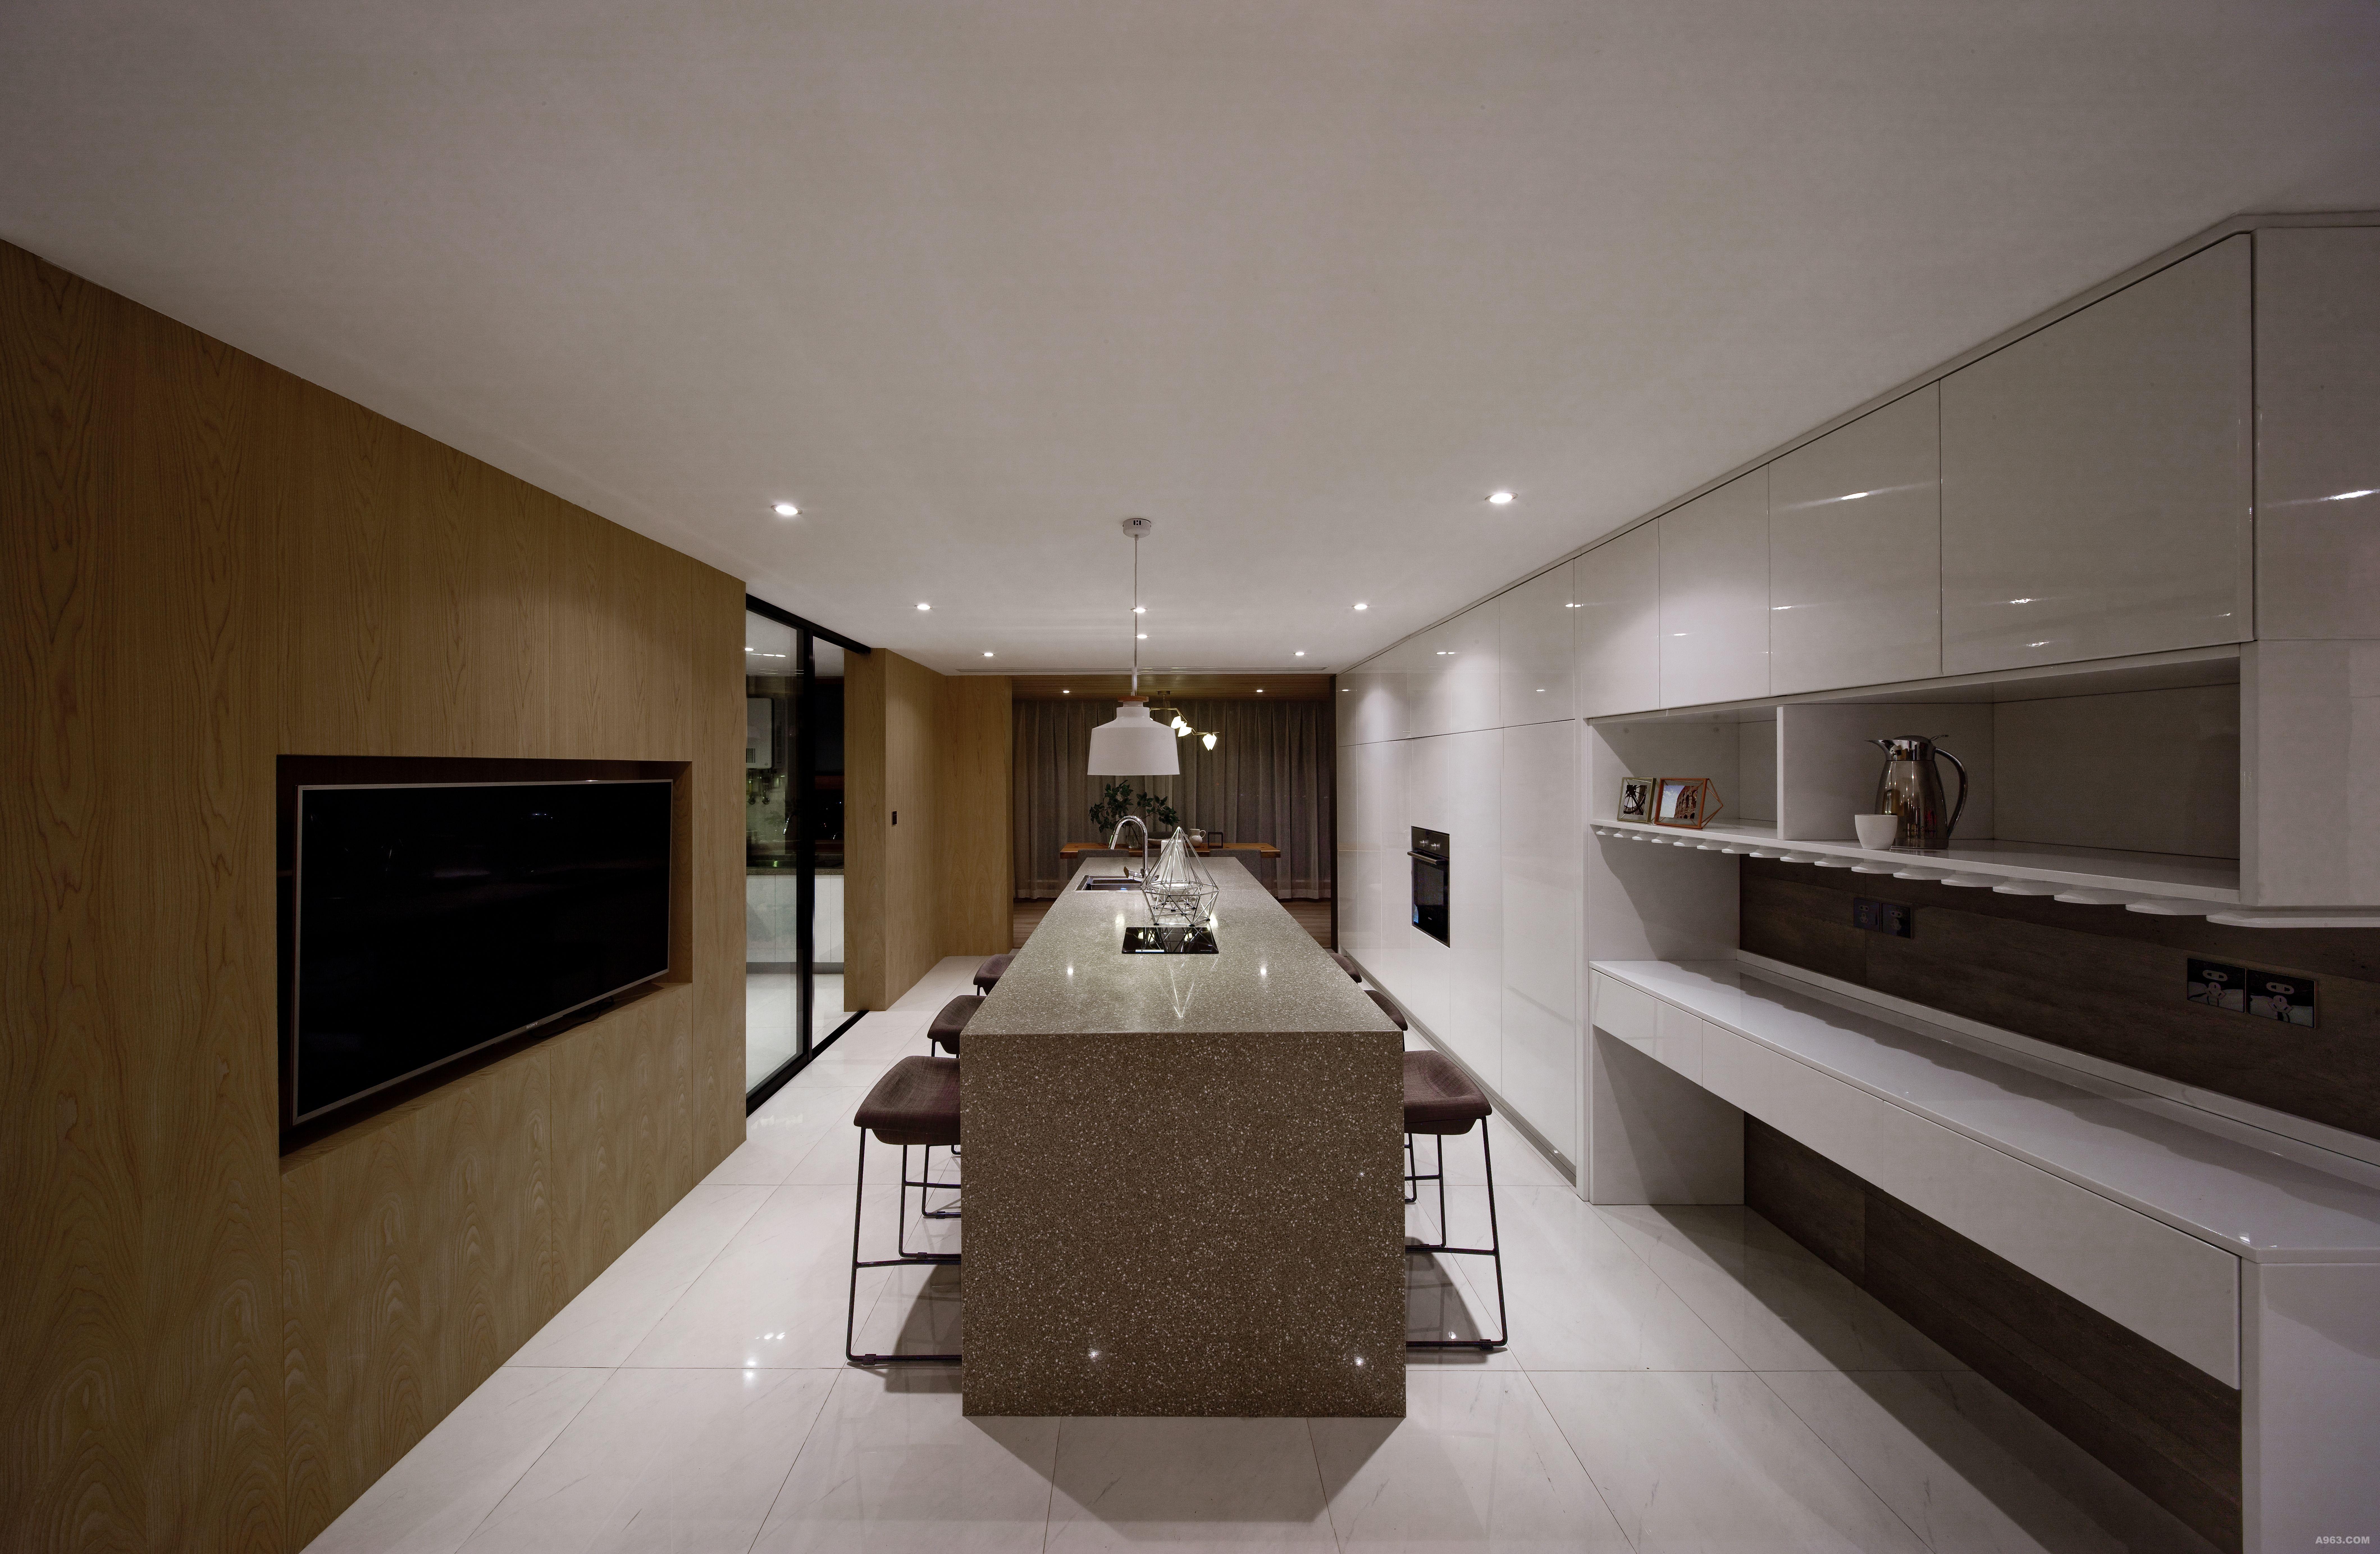 高柜和西餐台的设计极大的满足了主人的实用功能